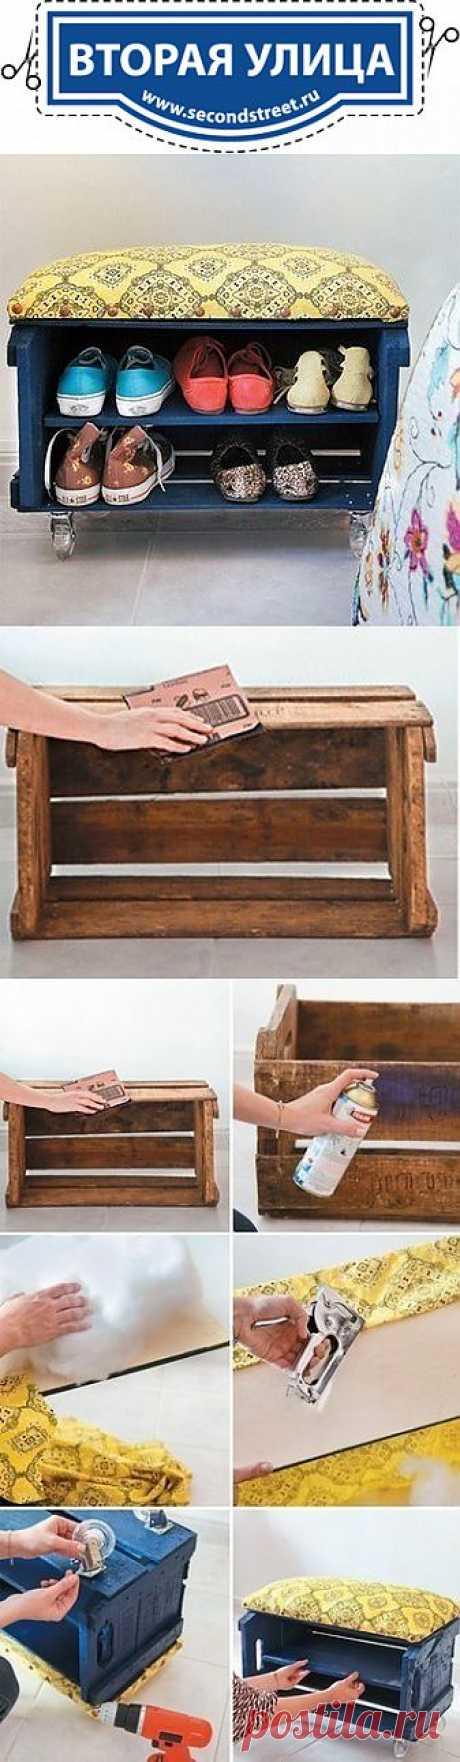 Подставка для обуви с пуфиком (Diy) / Мебель /